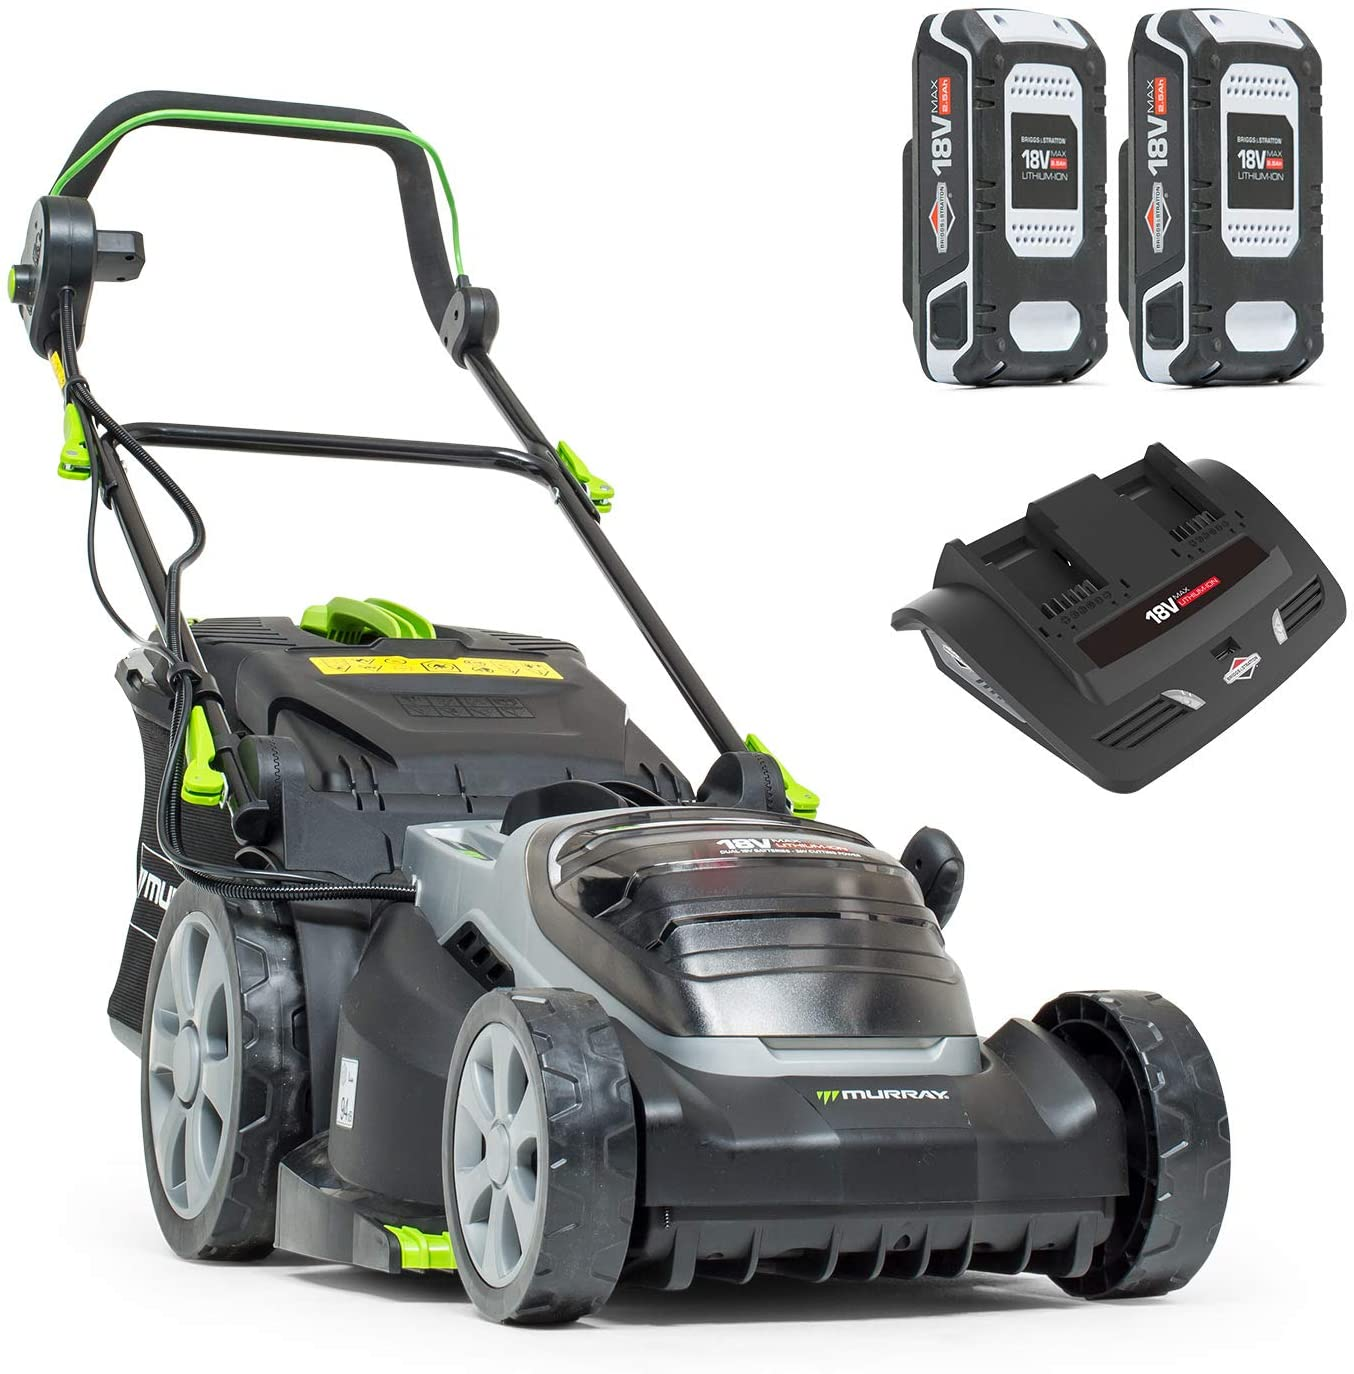 Murray 2 x 18V Cordless Lawn Mower